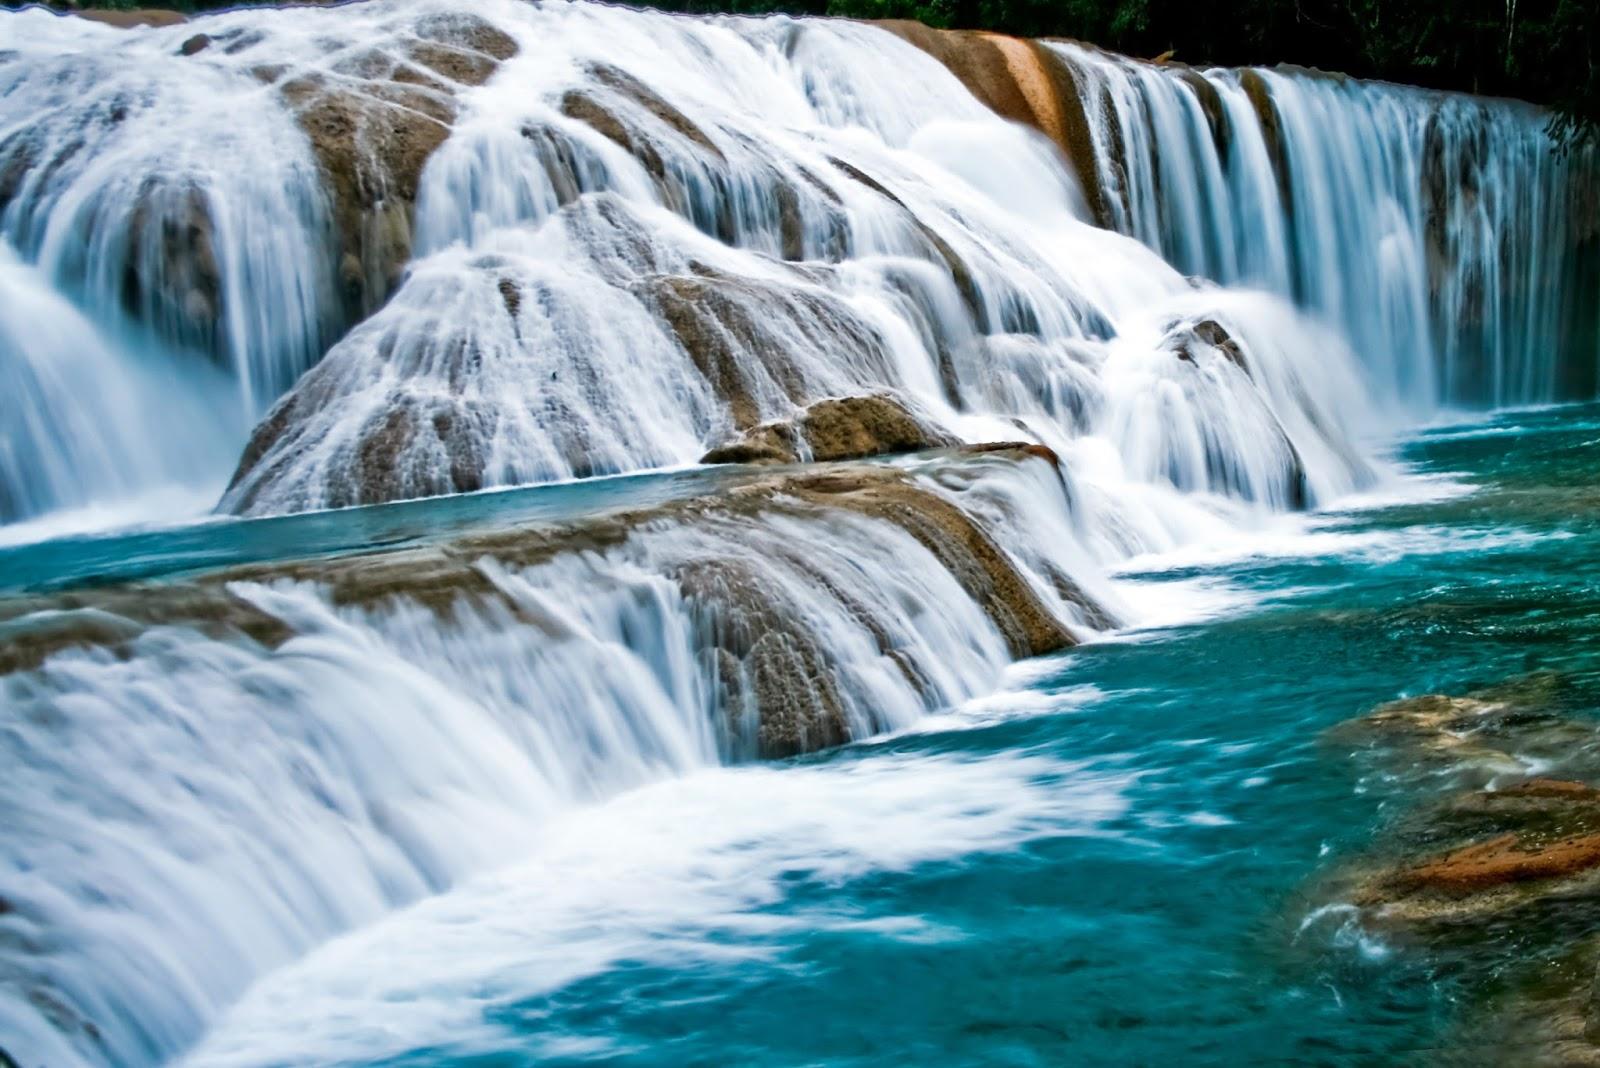 Avante viajes culiacan chiapas magnifico escenario de la for Motor para cascada de agua